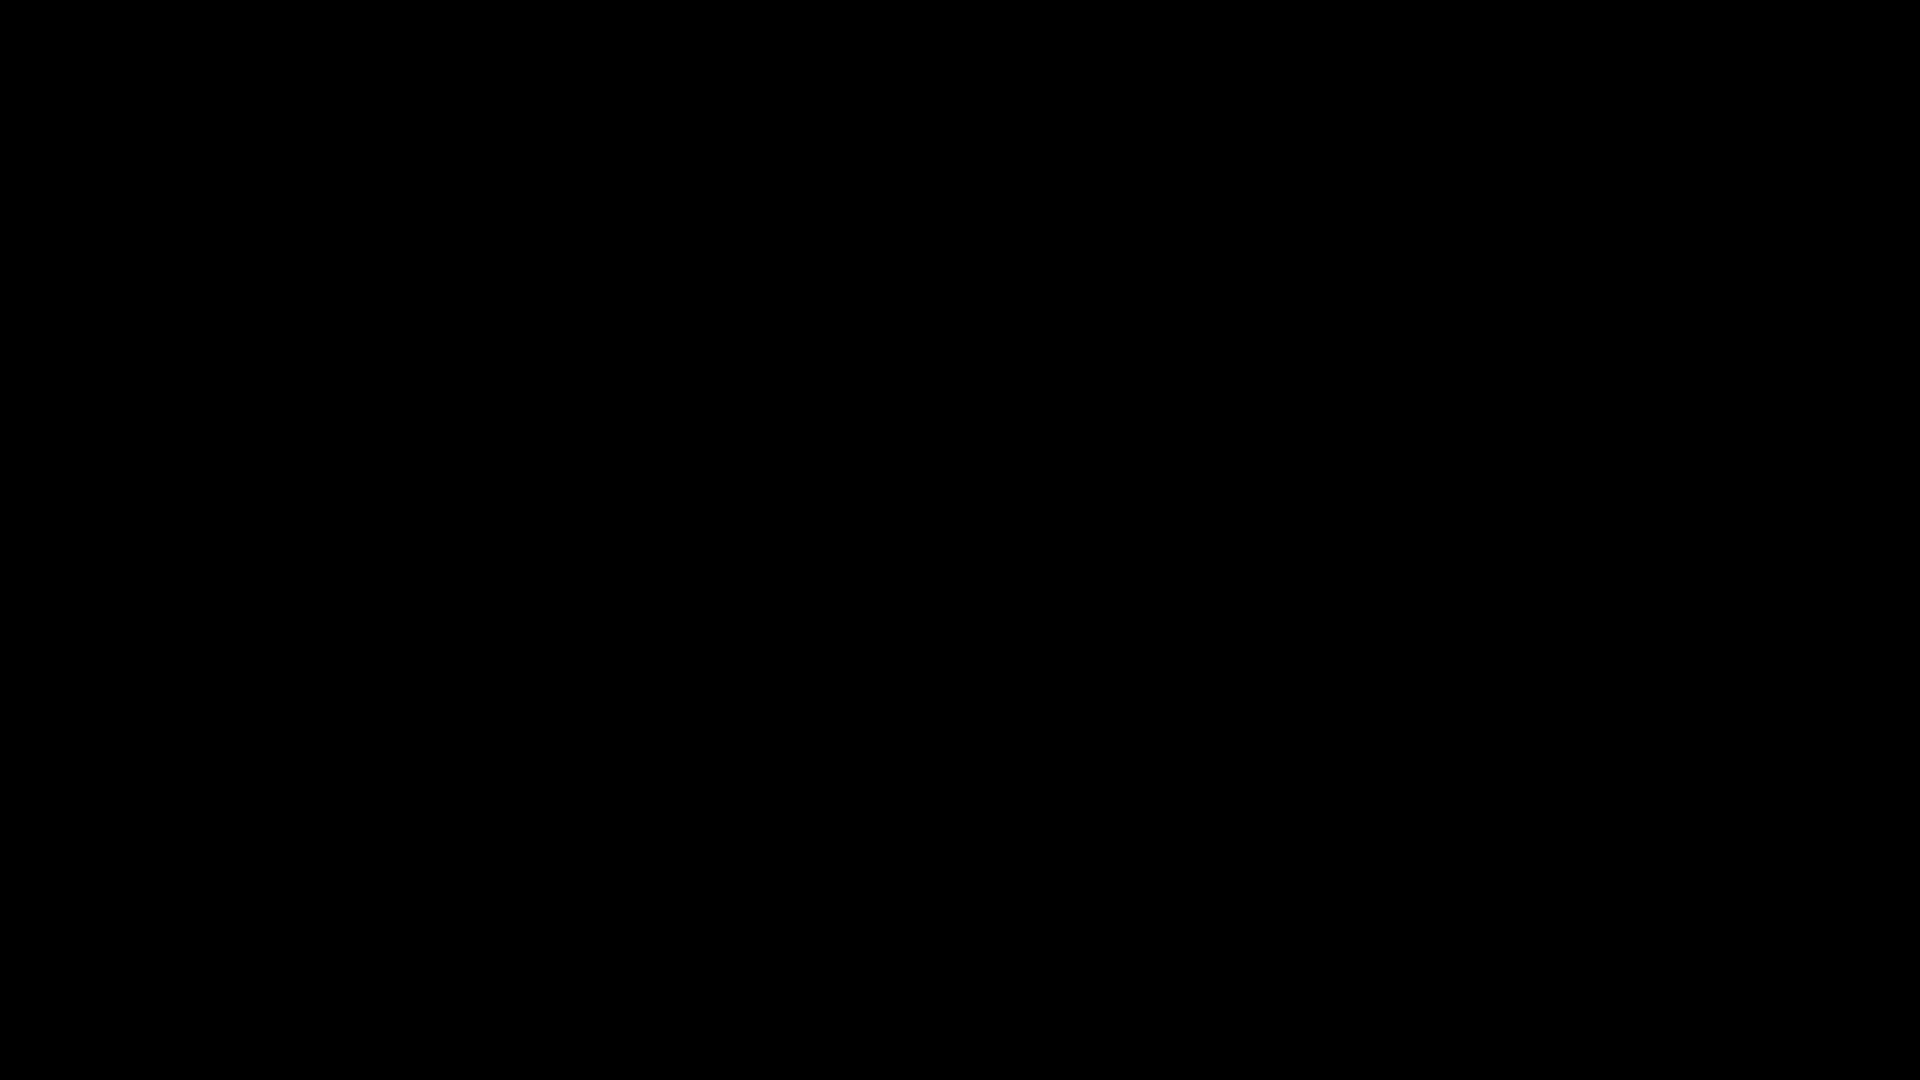 【未公開】vol.60【ユリナ】お泊りした翌日の朝・・・。 ラブホテル覗き エロ無料画像 76連発 29